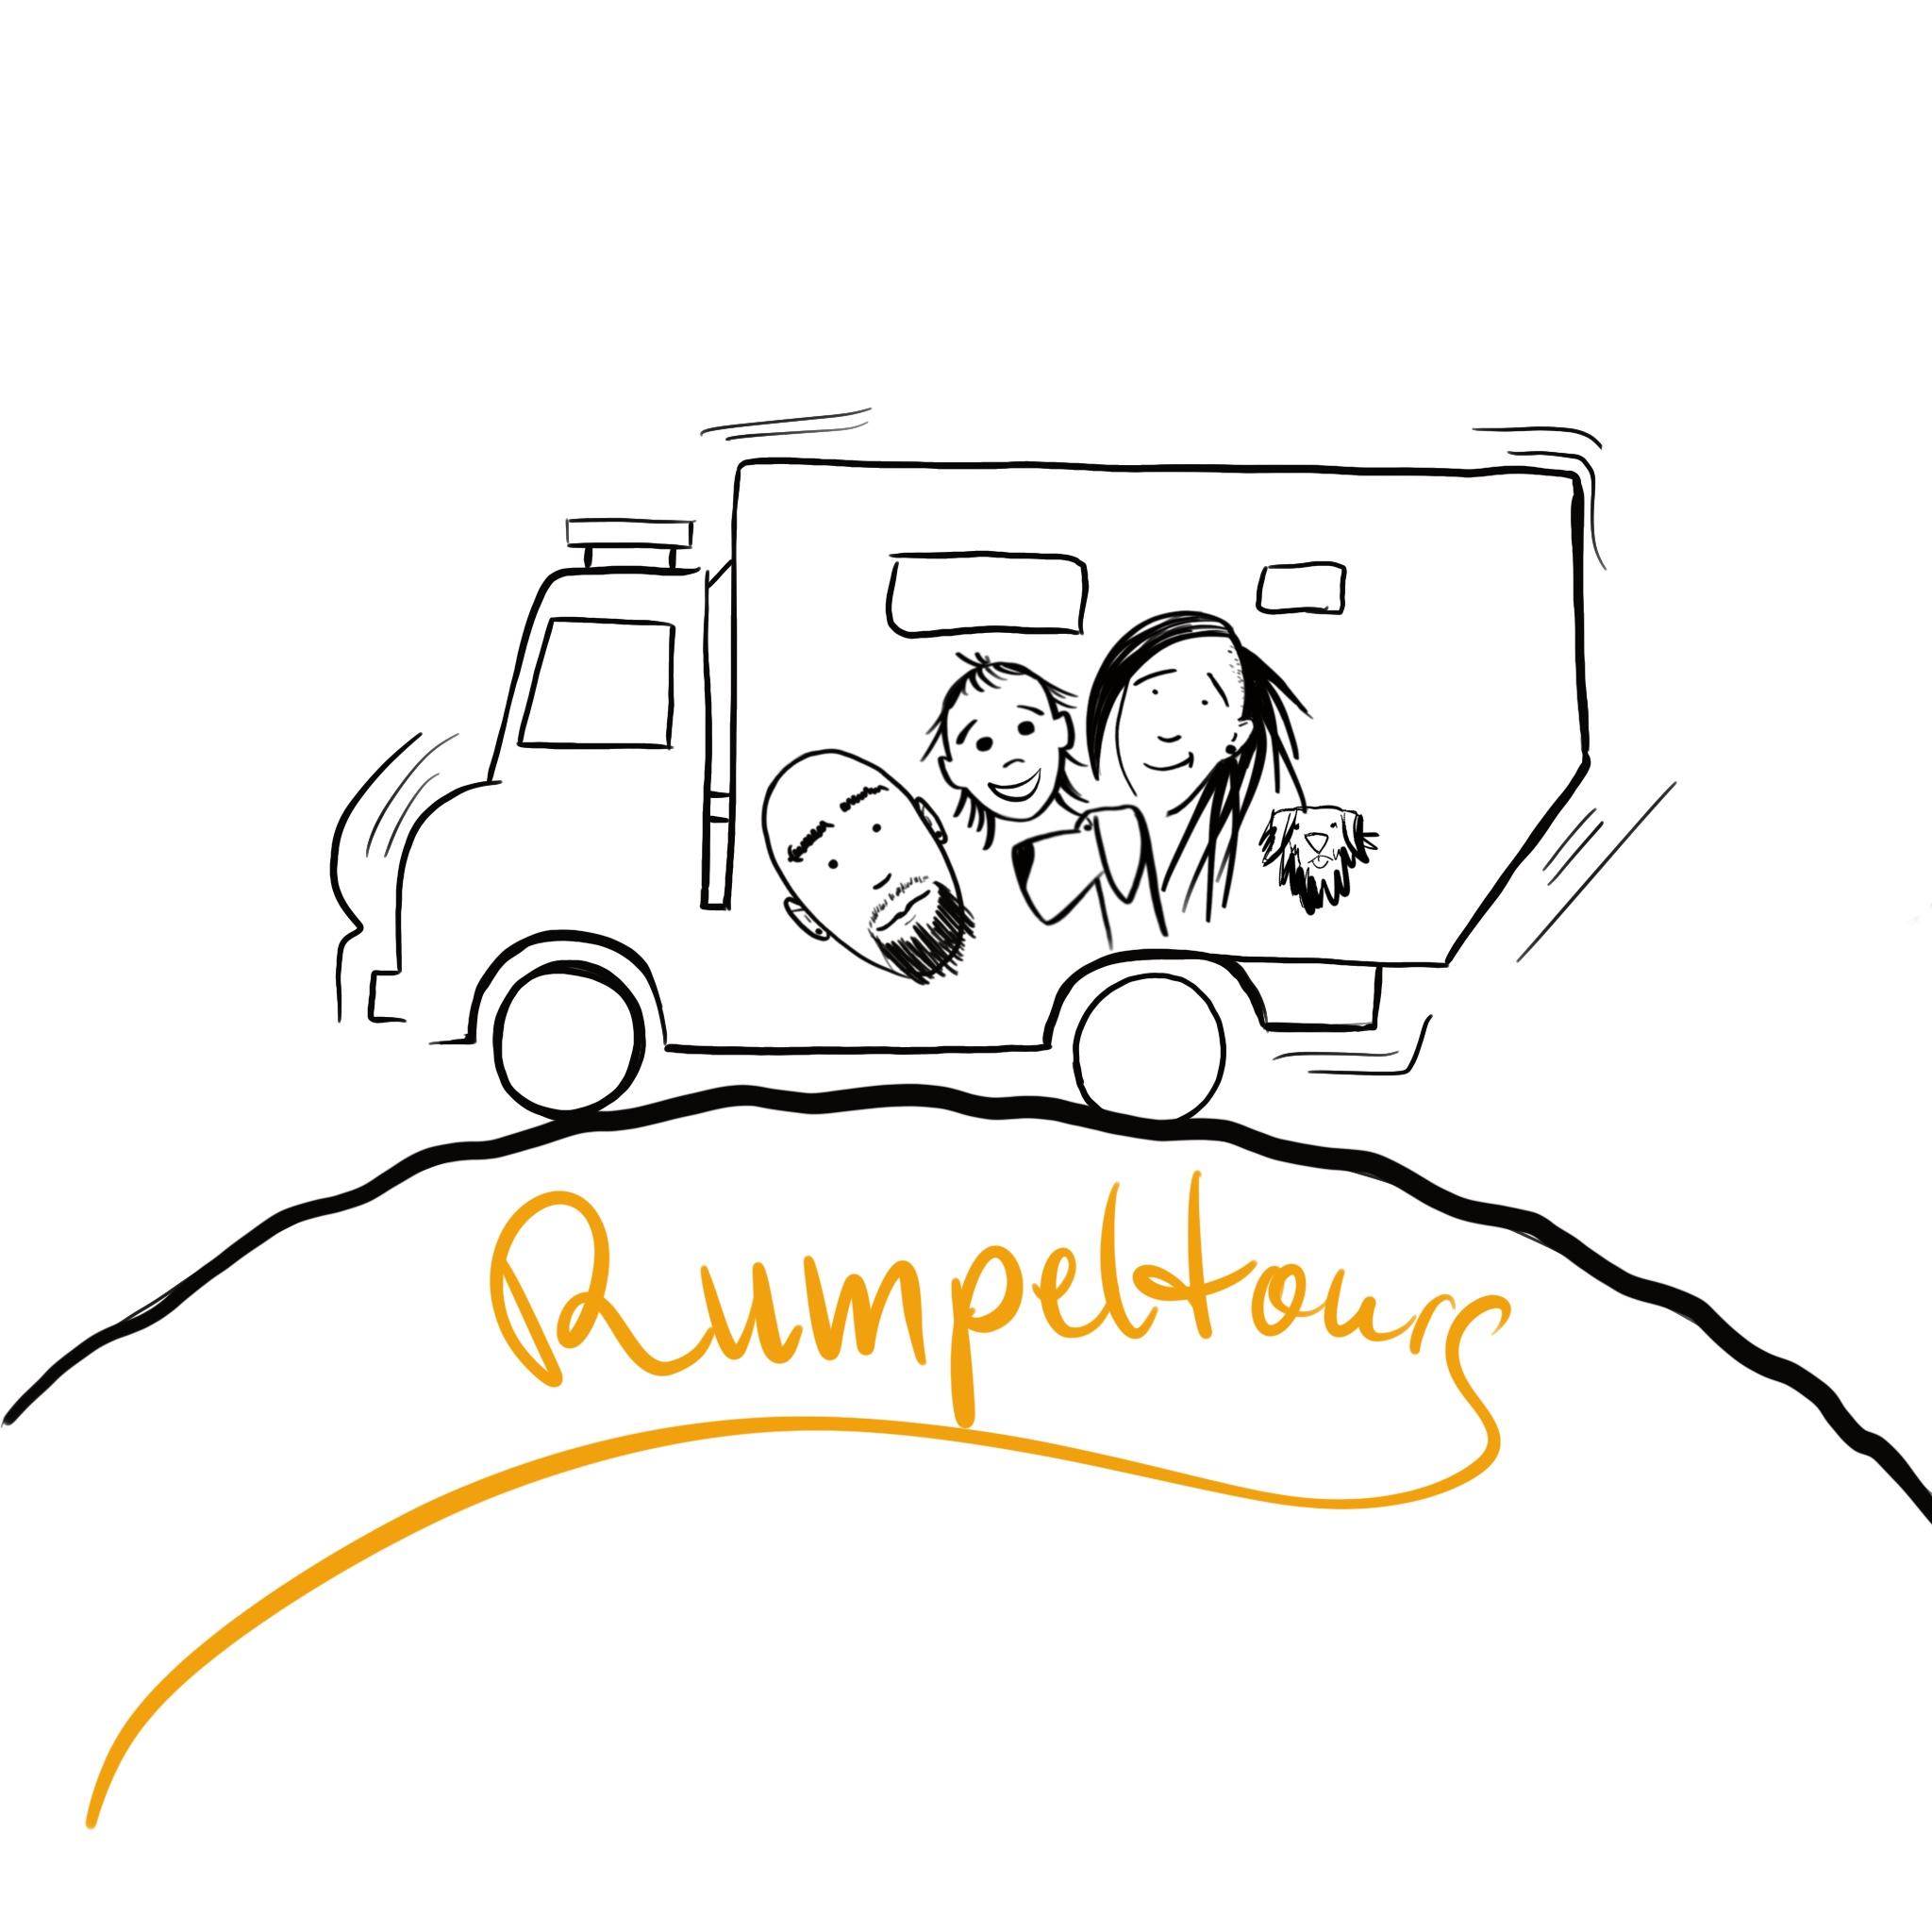 Rumpeltours - Mit dem Laster unterwegs